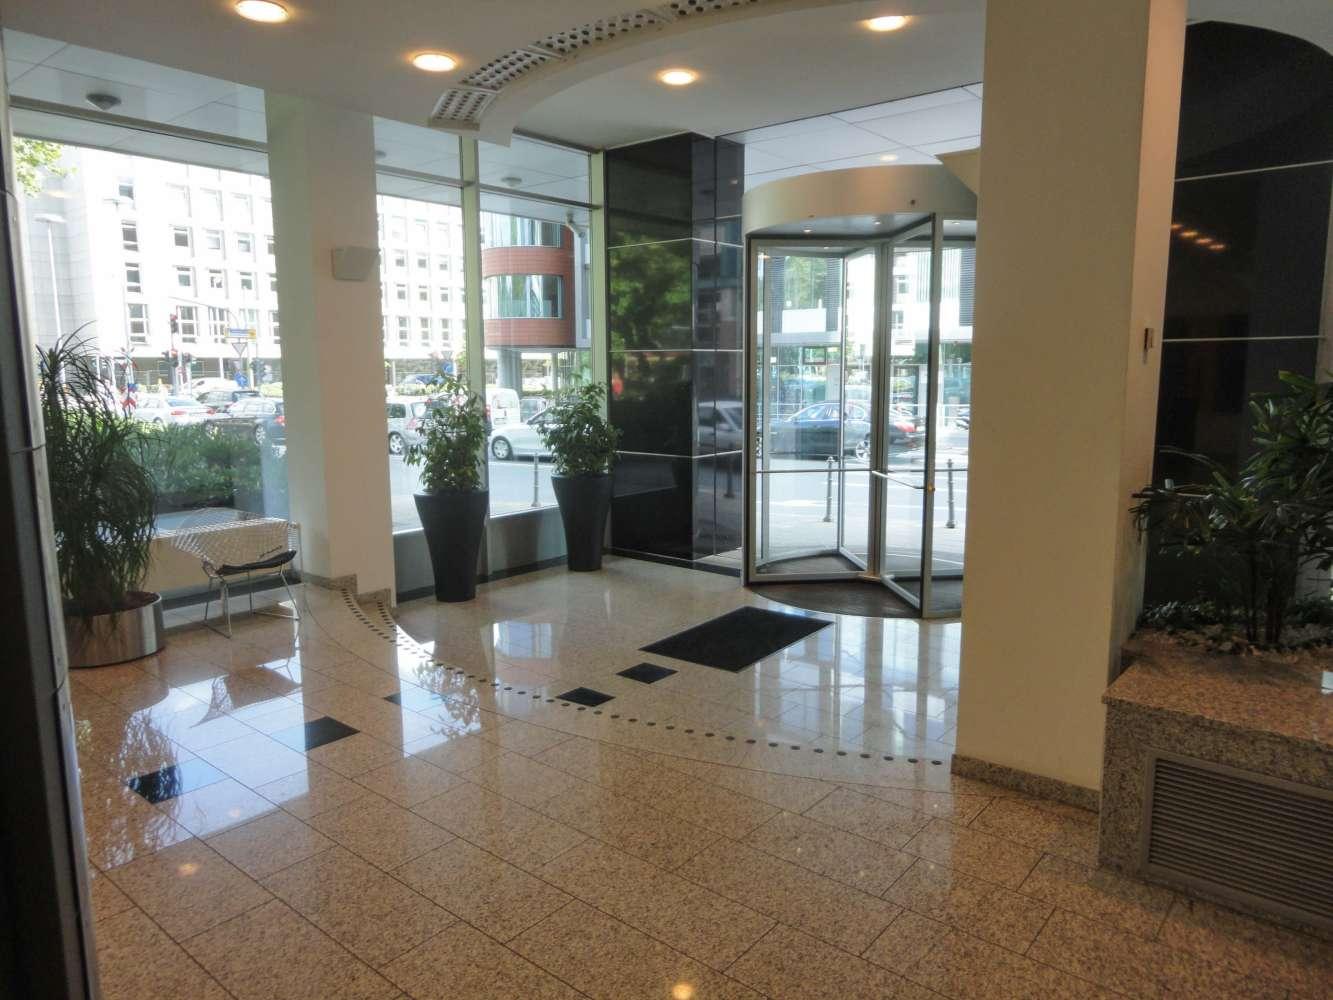 Büros Frankfurt am main, 60313 - Büro - Frankfurt am Main, Innenstadt - F0722 - 9878853